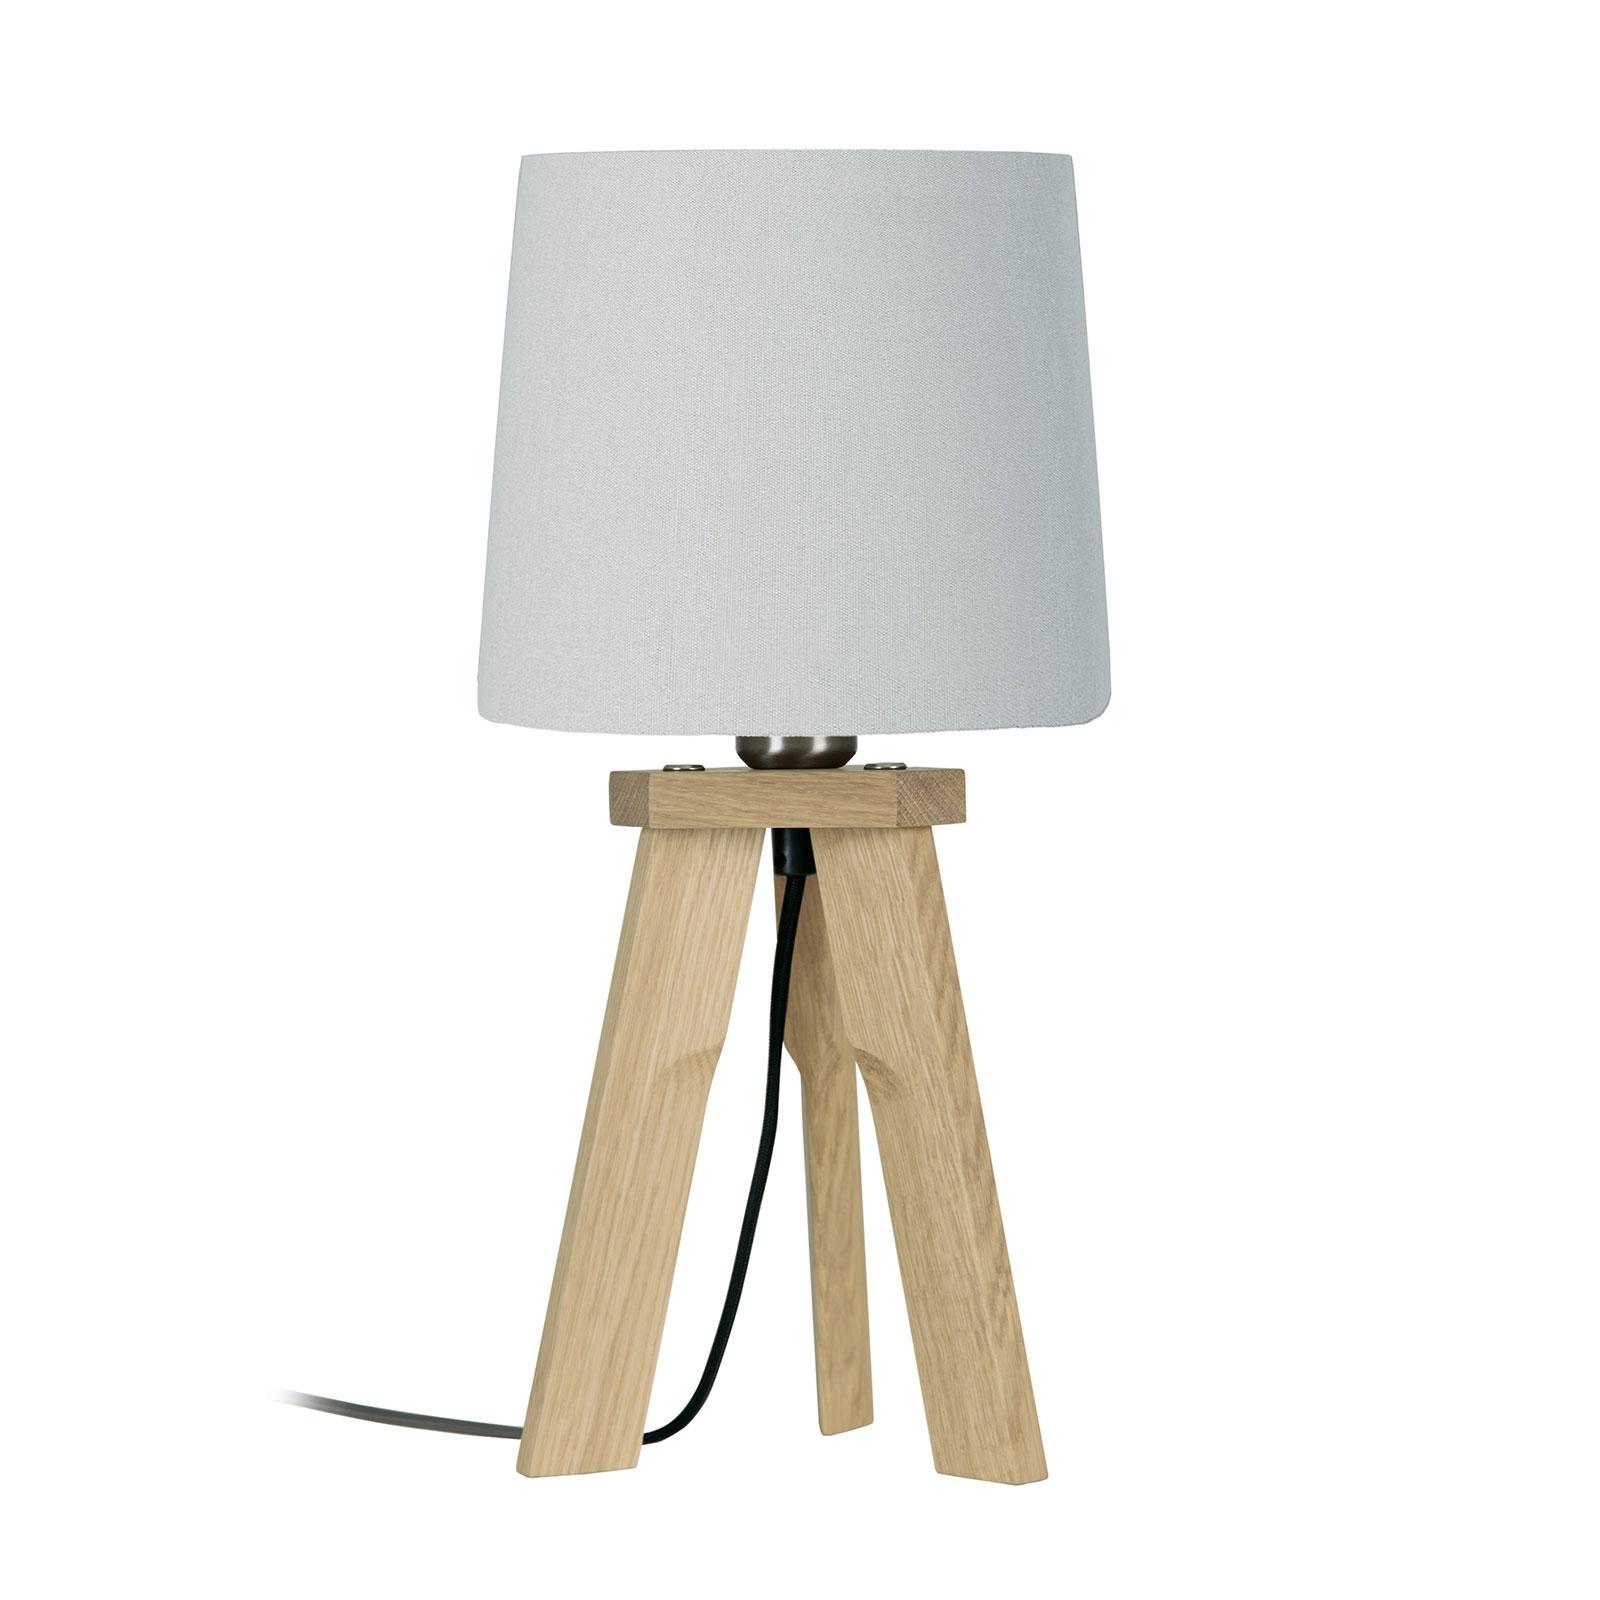 HerzBlut Tre Tischlampe, Eiche natur, weiß, 42cm